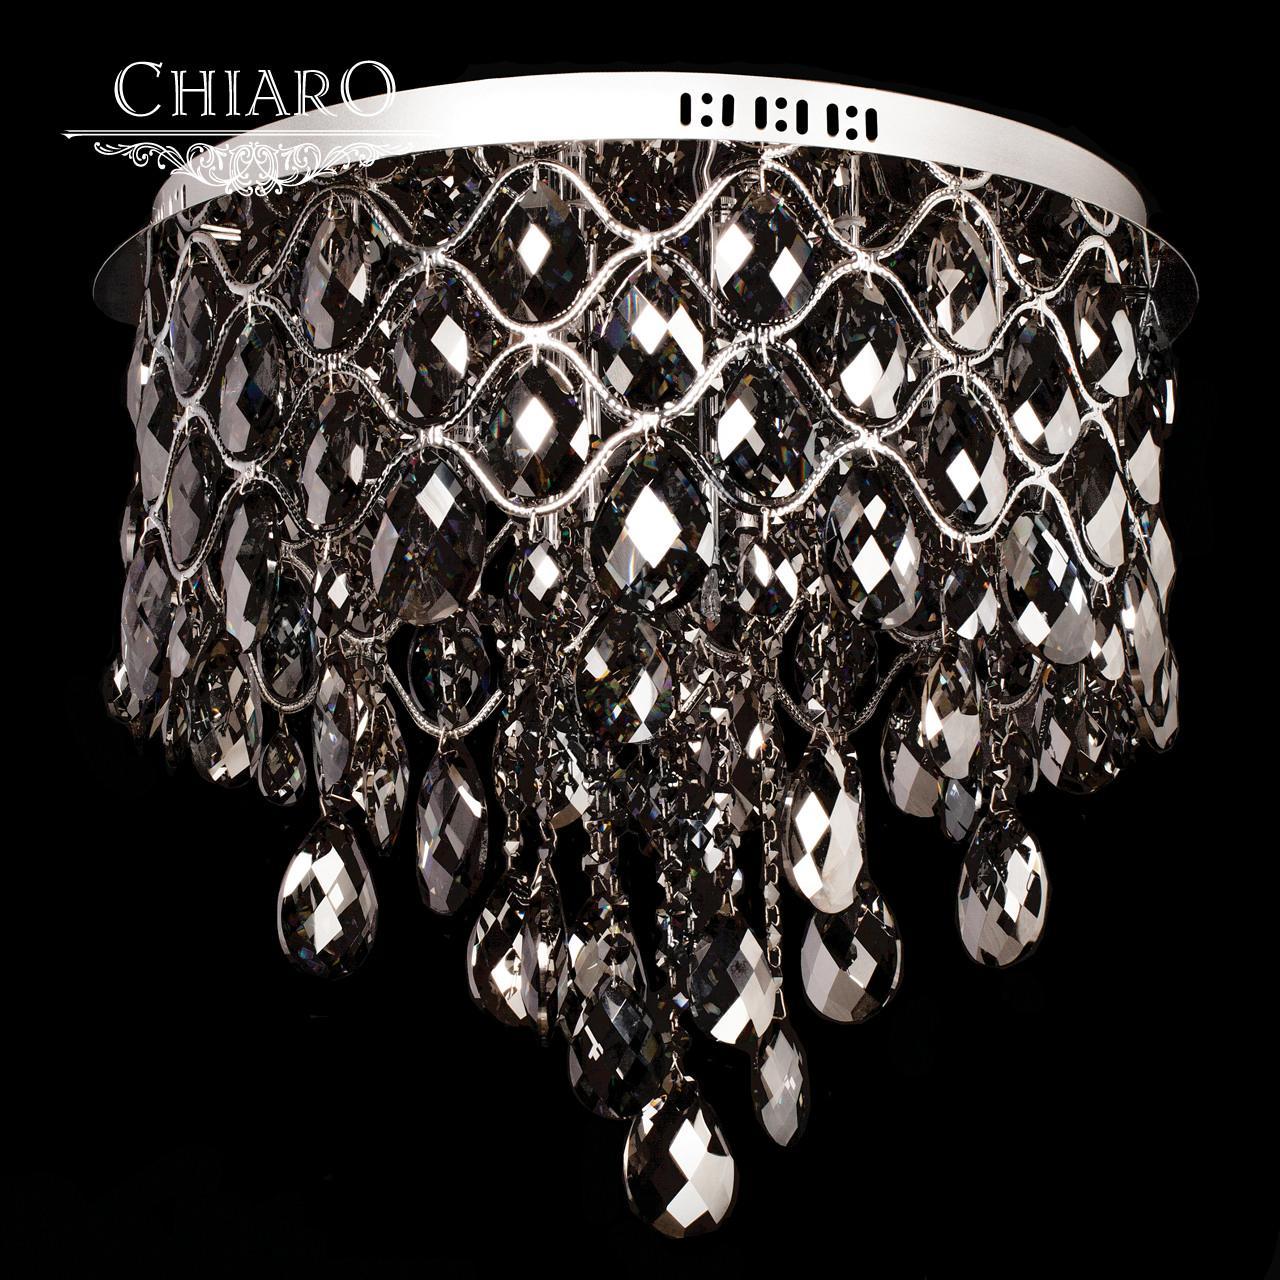 Потолочный светильник Chiaro Кларис 437010312 светодиодный светильник кларис 7 437012402 chiaro 1115803